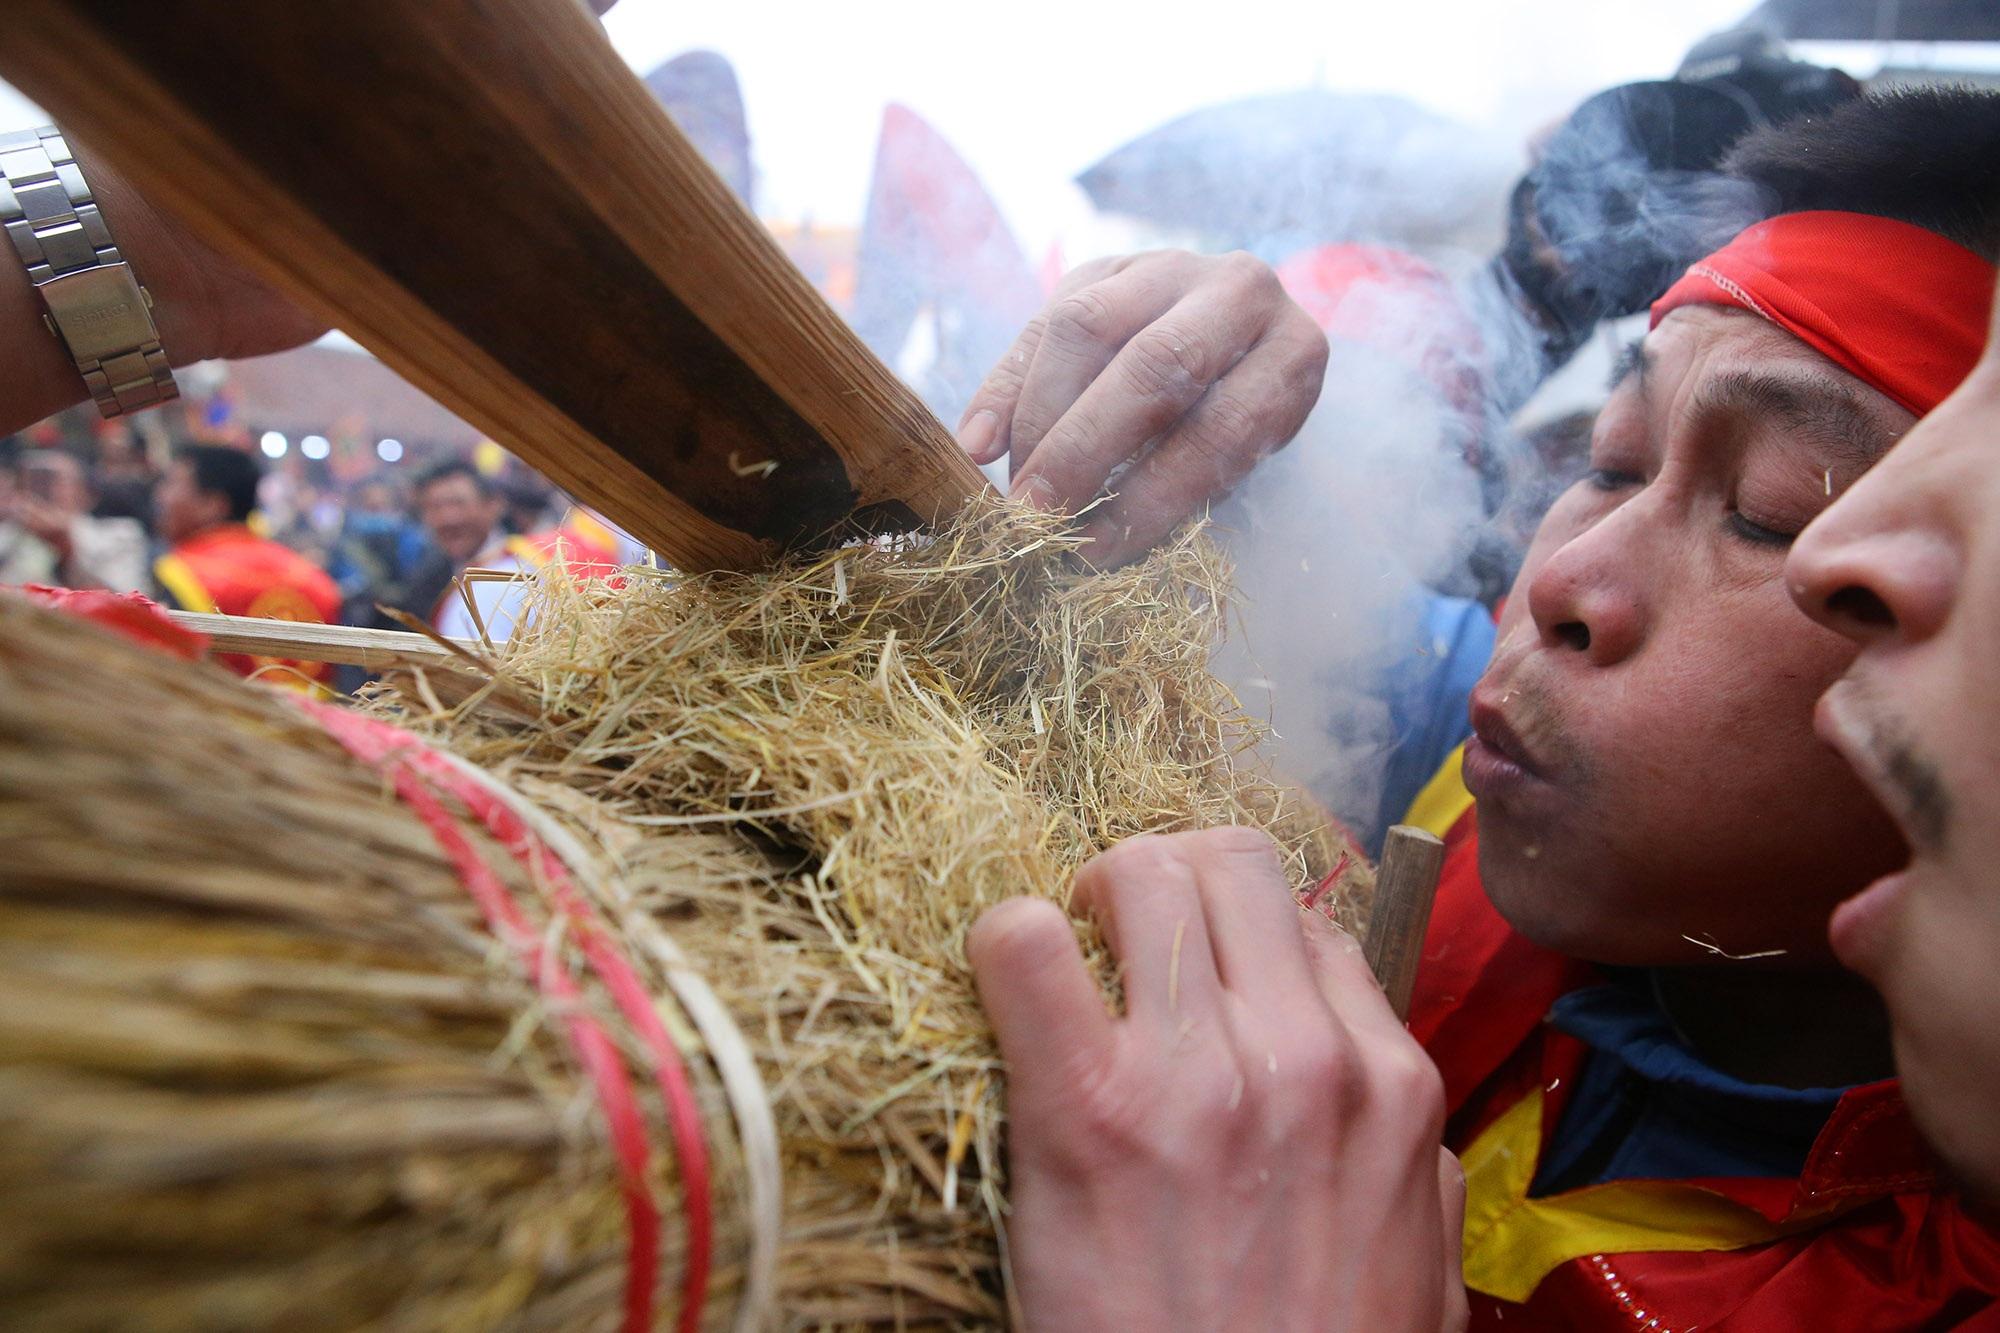 Hình ảnh đặc biệt trong lễ thổi cơm cổ xưa ít phút trước lệnh cấm vì virus corona - 5